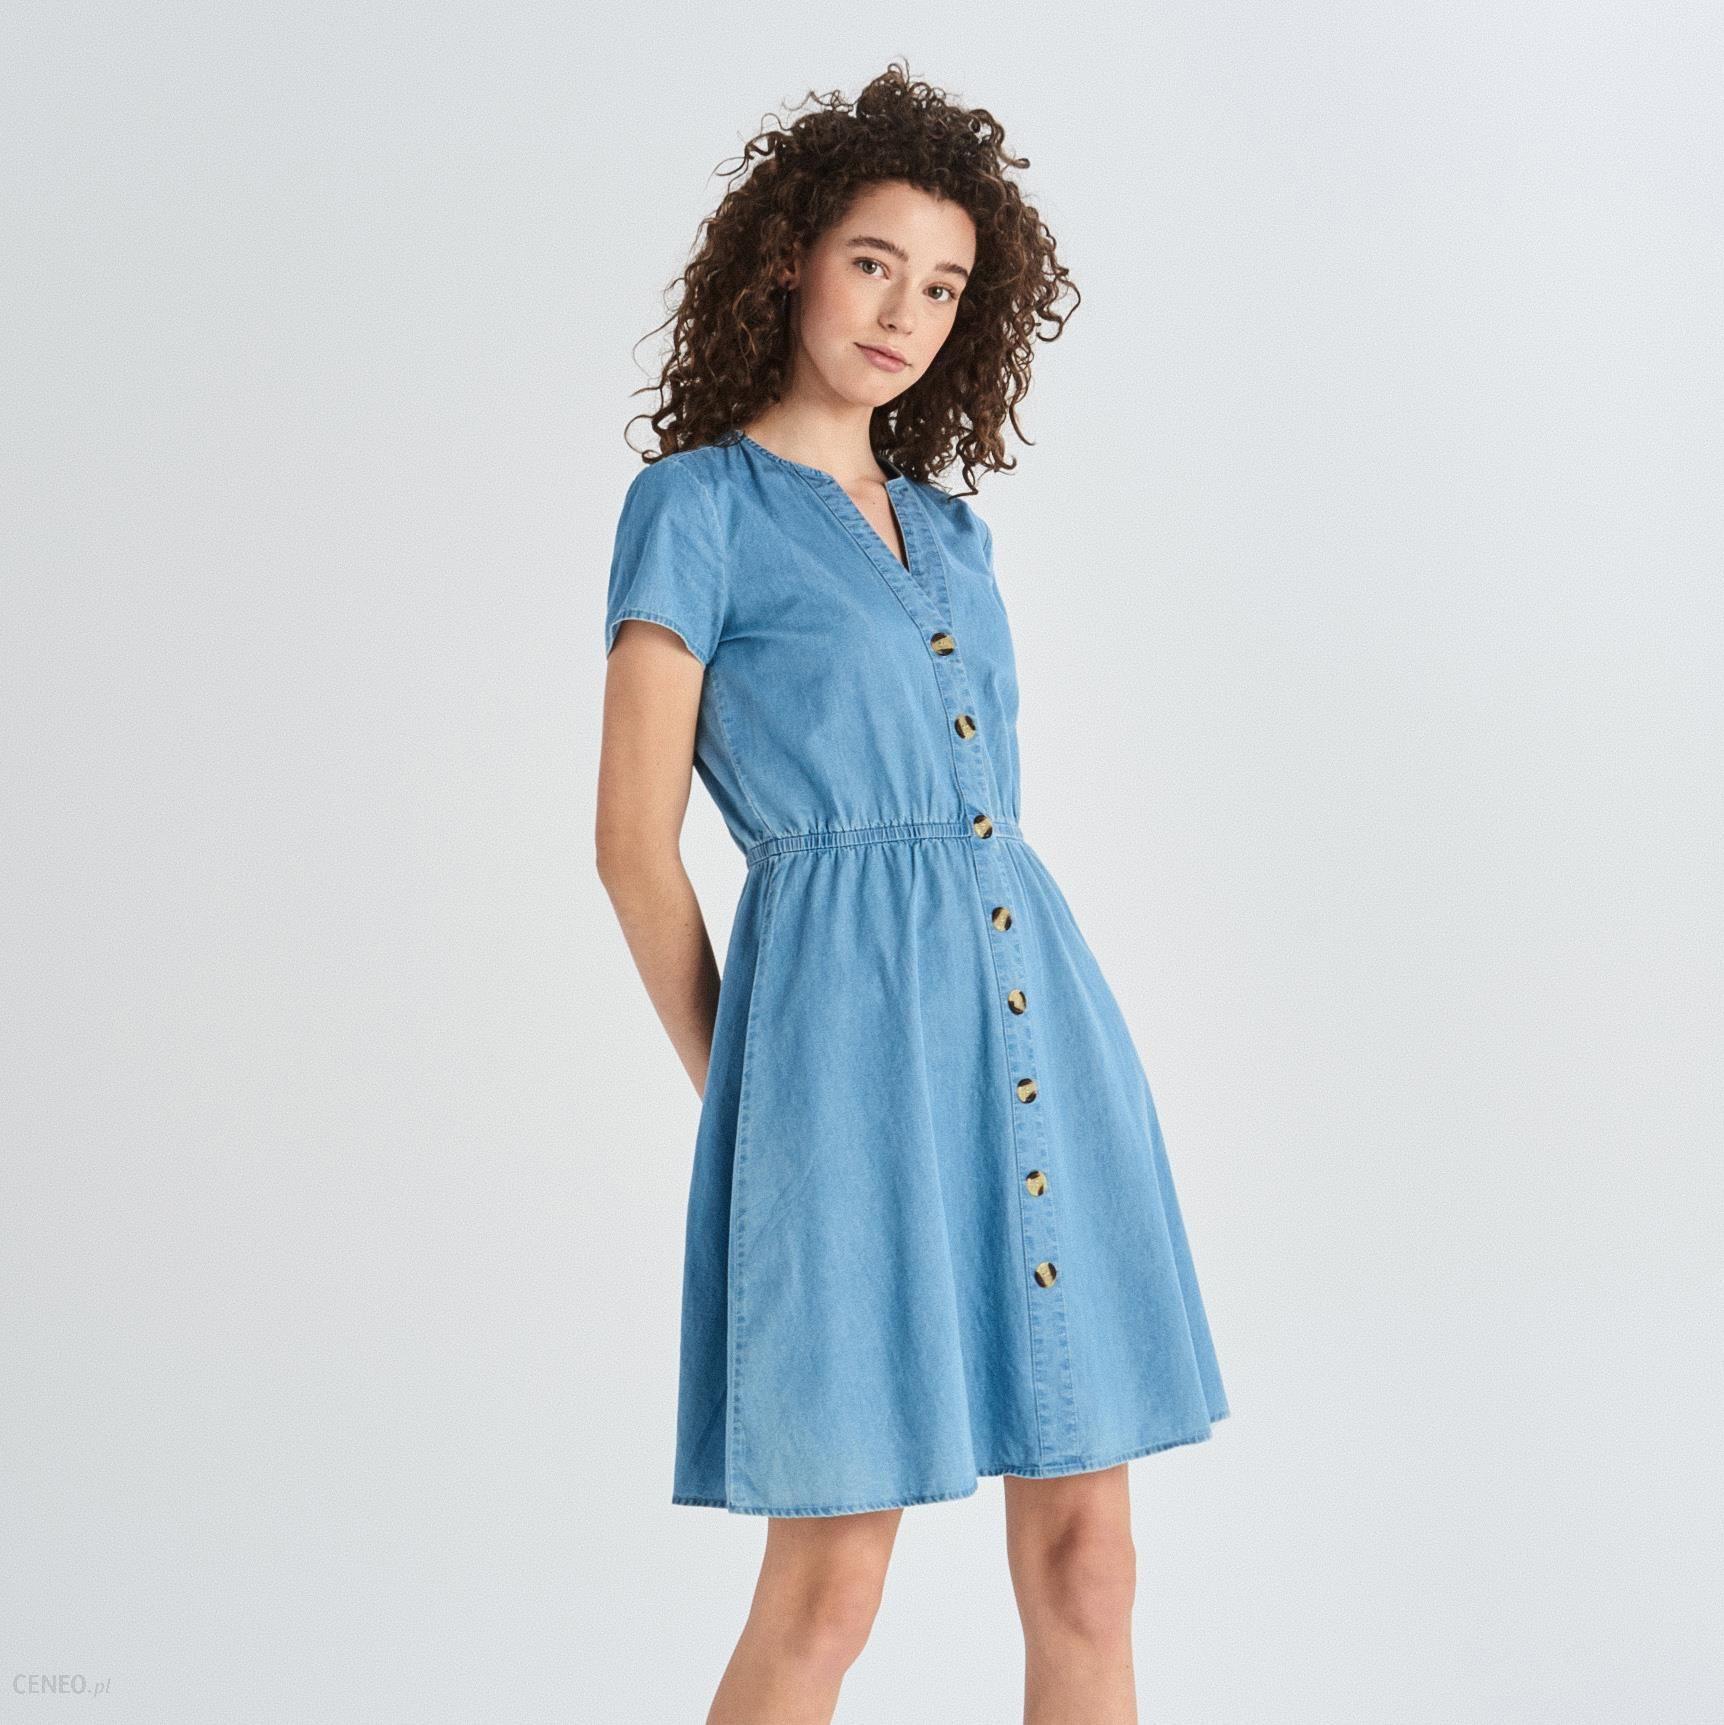 e7445baf5a Sinsay - Jeansowa sukienka - Niebieski - Ceny i opinie - Ceneo.pl